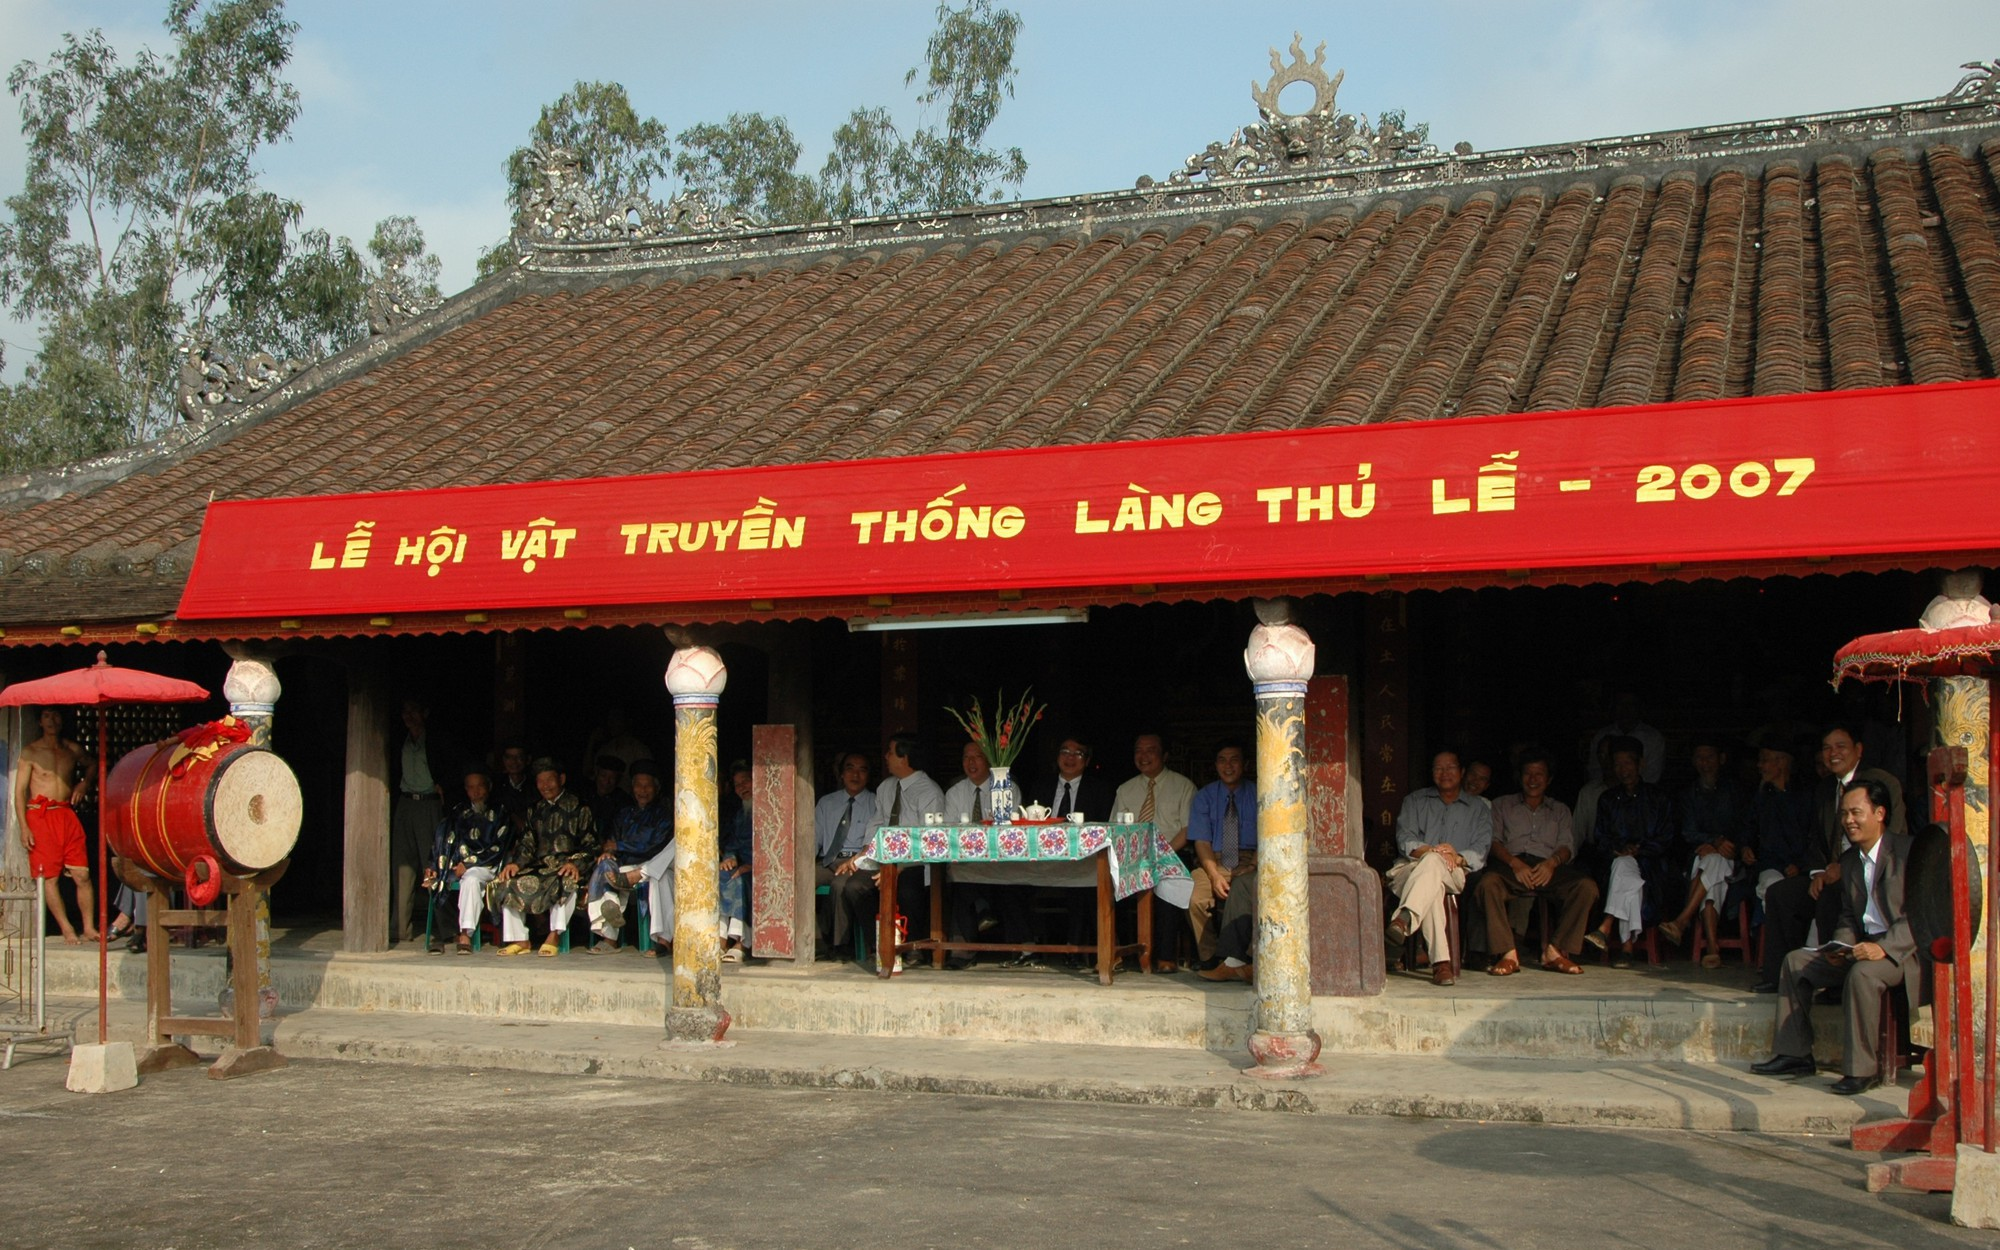 Thừa Thiên Huế: Hoàn thành tu bổ, tôn tạo Đình Thủ Lễ